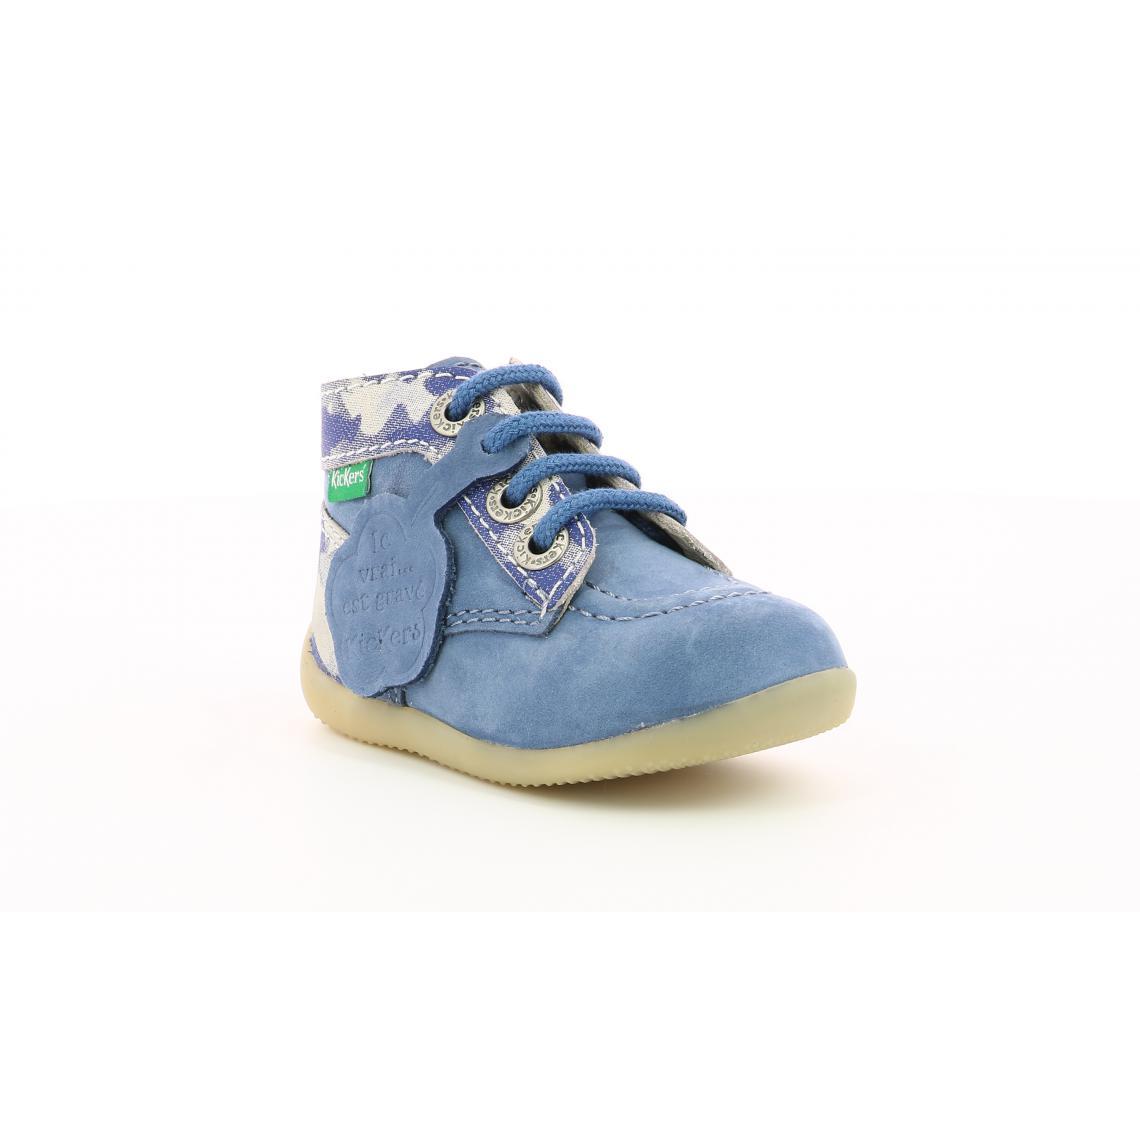 Chaussures bébé Bleu Camouflage - 738914-10-51 BLEU CAMOUFLAGE 24 - Modalova